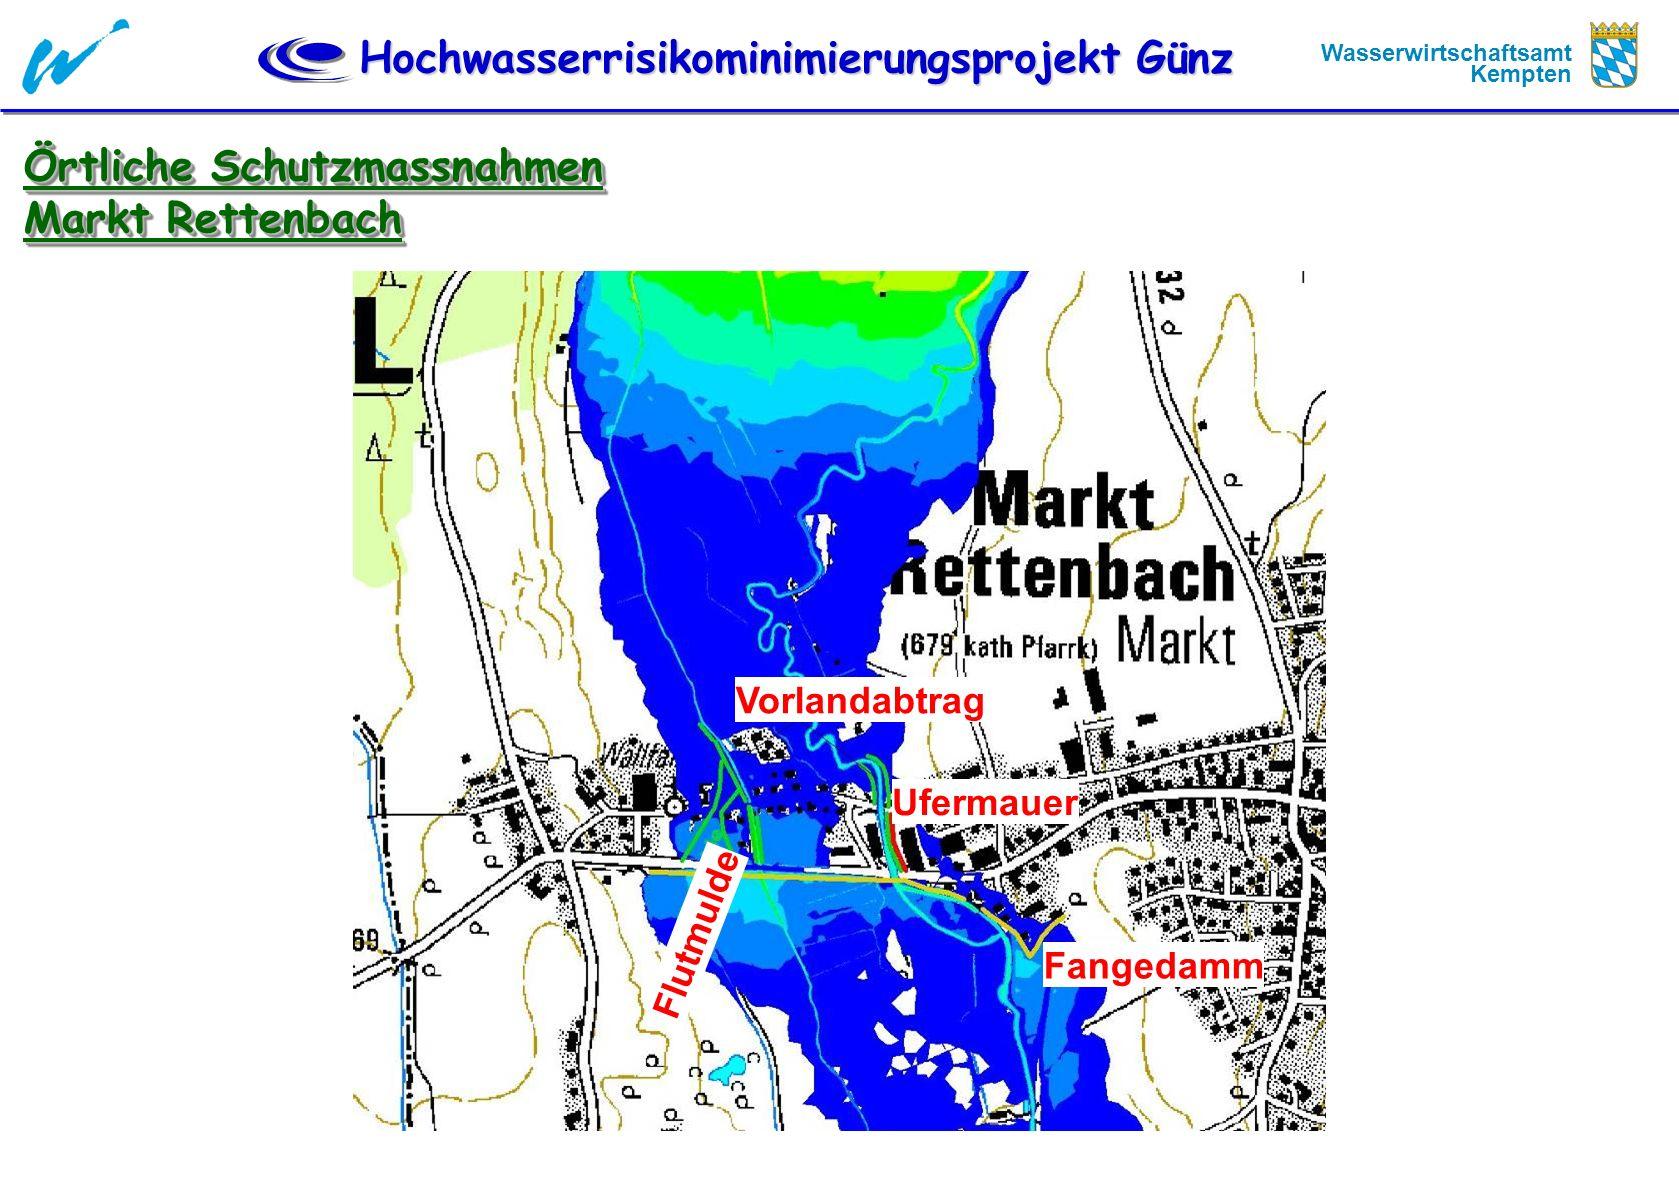 Örtliche Schutzmassnahmen Markt Rettenbach